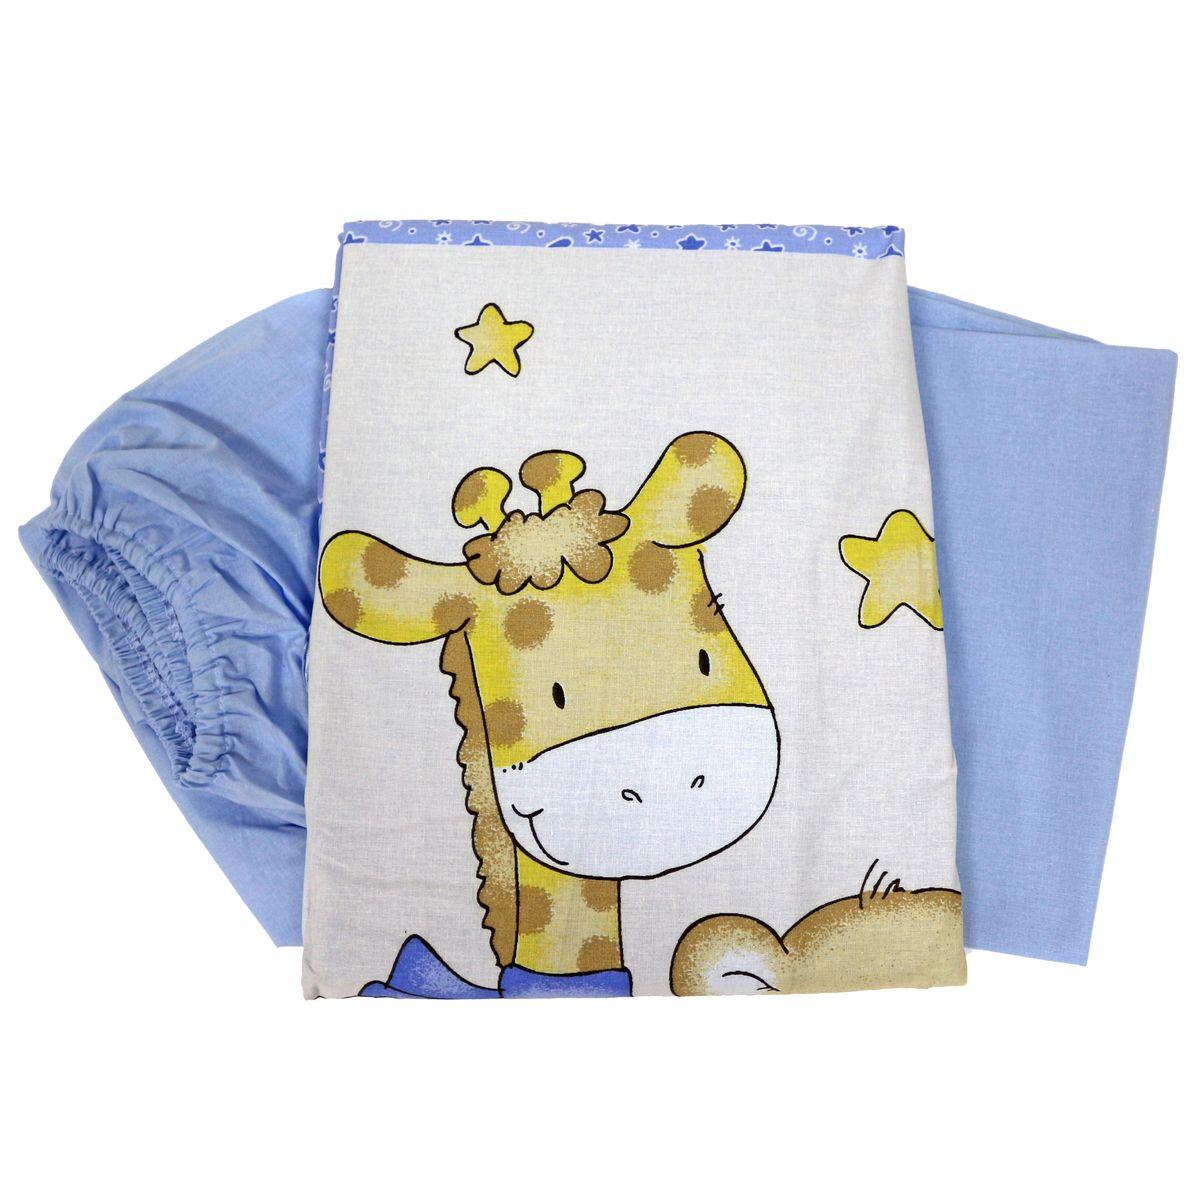 Топотушки Комплект детского постельного белья Детский Мир цвет голубой 3 предметаCLP446Сменный комплект постельного белья из 3 предметов для детской кроватки.Комплект создает для Вашего ребенка уют, комфорт и безопасную среду с рождения; современный дизайн и цветовые сочетания помогают ребенку адаптироваться в новом для него мире. Комплекты «Топотушки» хорошо вписываются в интерьер, как детской комнаты, так и в спальни родителей.Как и все изделия «Топотушки» данный комплект отражает самые последние технологии, является безопасным для малыша и экологичным. Российское происхождение комплекта гарантирует стабильно высокое качество, соответствие актуальным пожеланиям потребителей, конкурентоспособную цену.Комплектация: Наволочка 40х60см, пододеяльник 147х112см, простынь на резинке 120х60см